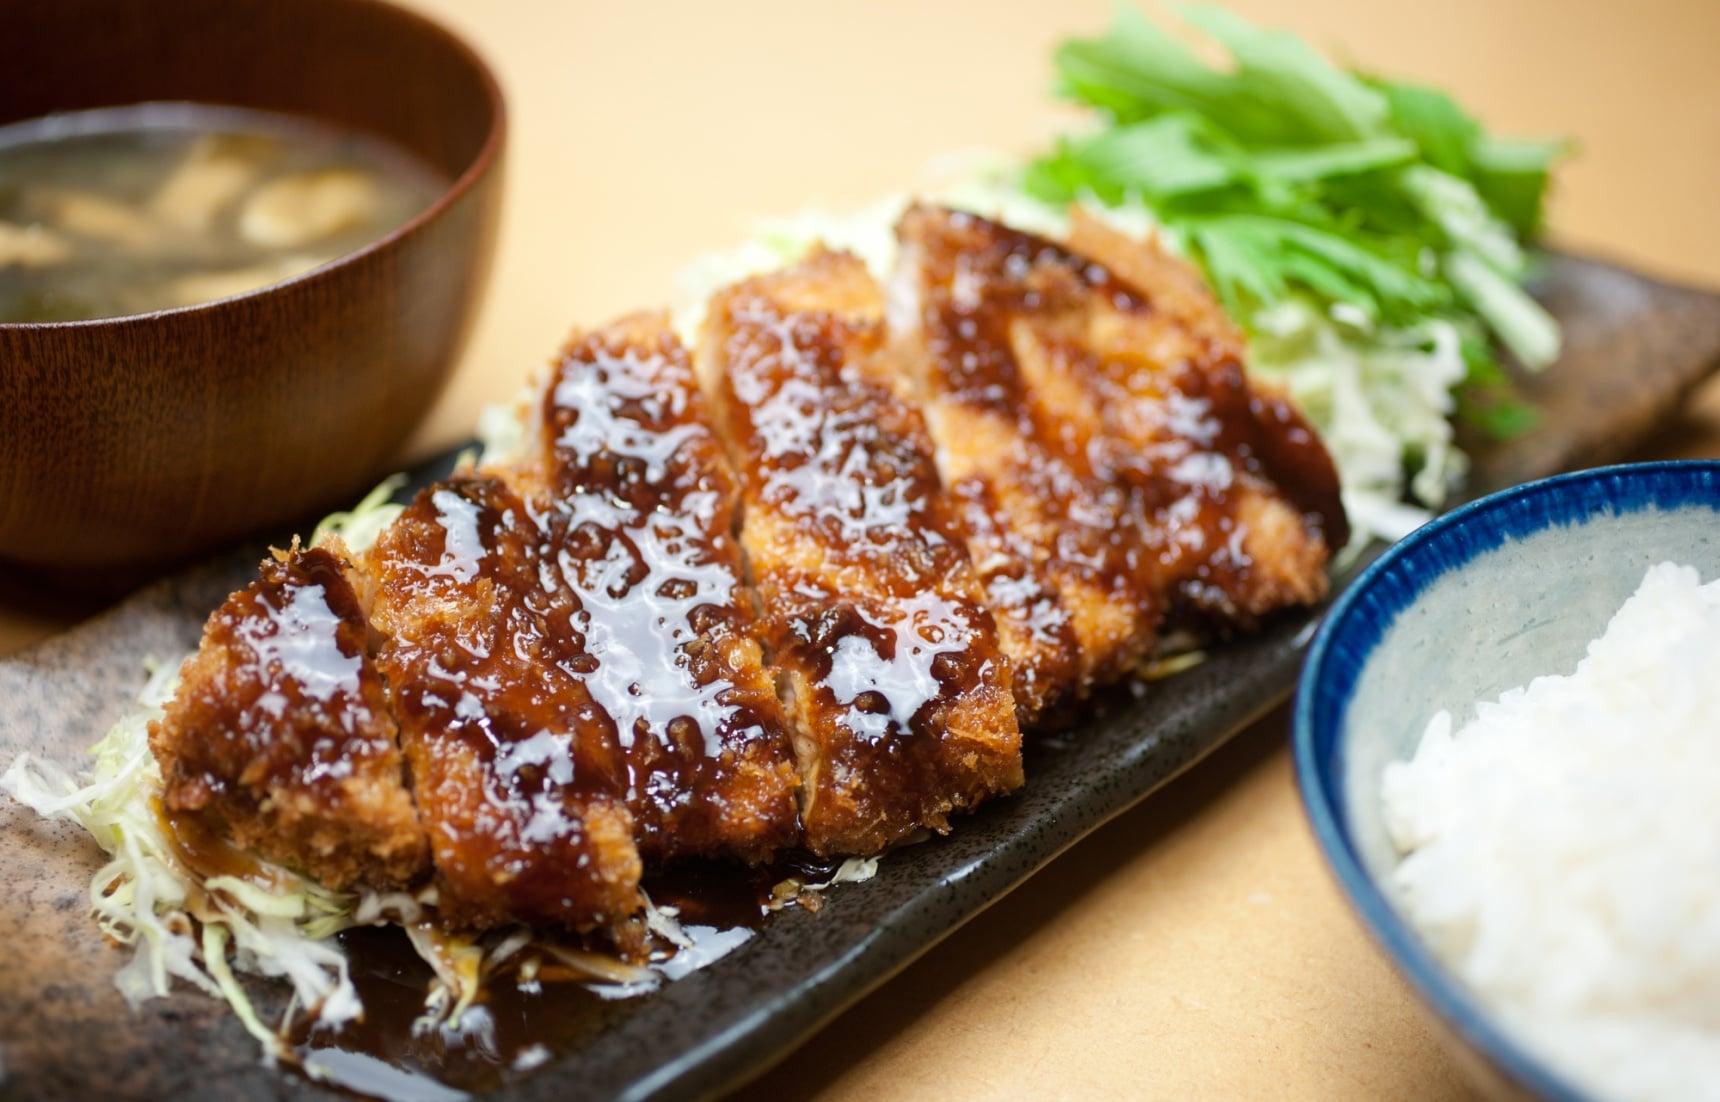 吃货党|从经典到现代!邻近名古屋站的必访美食餐厅大推荐